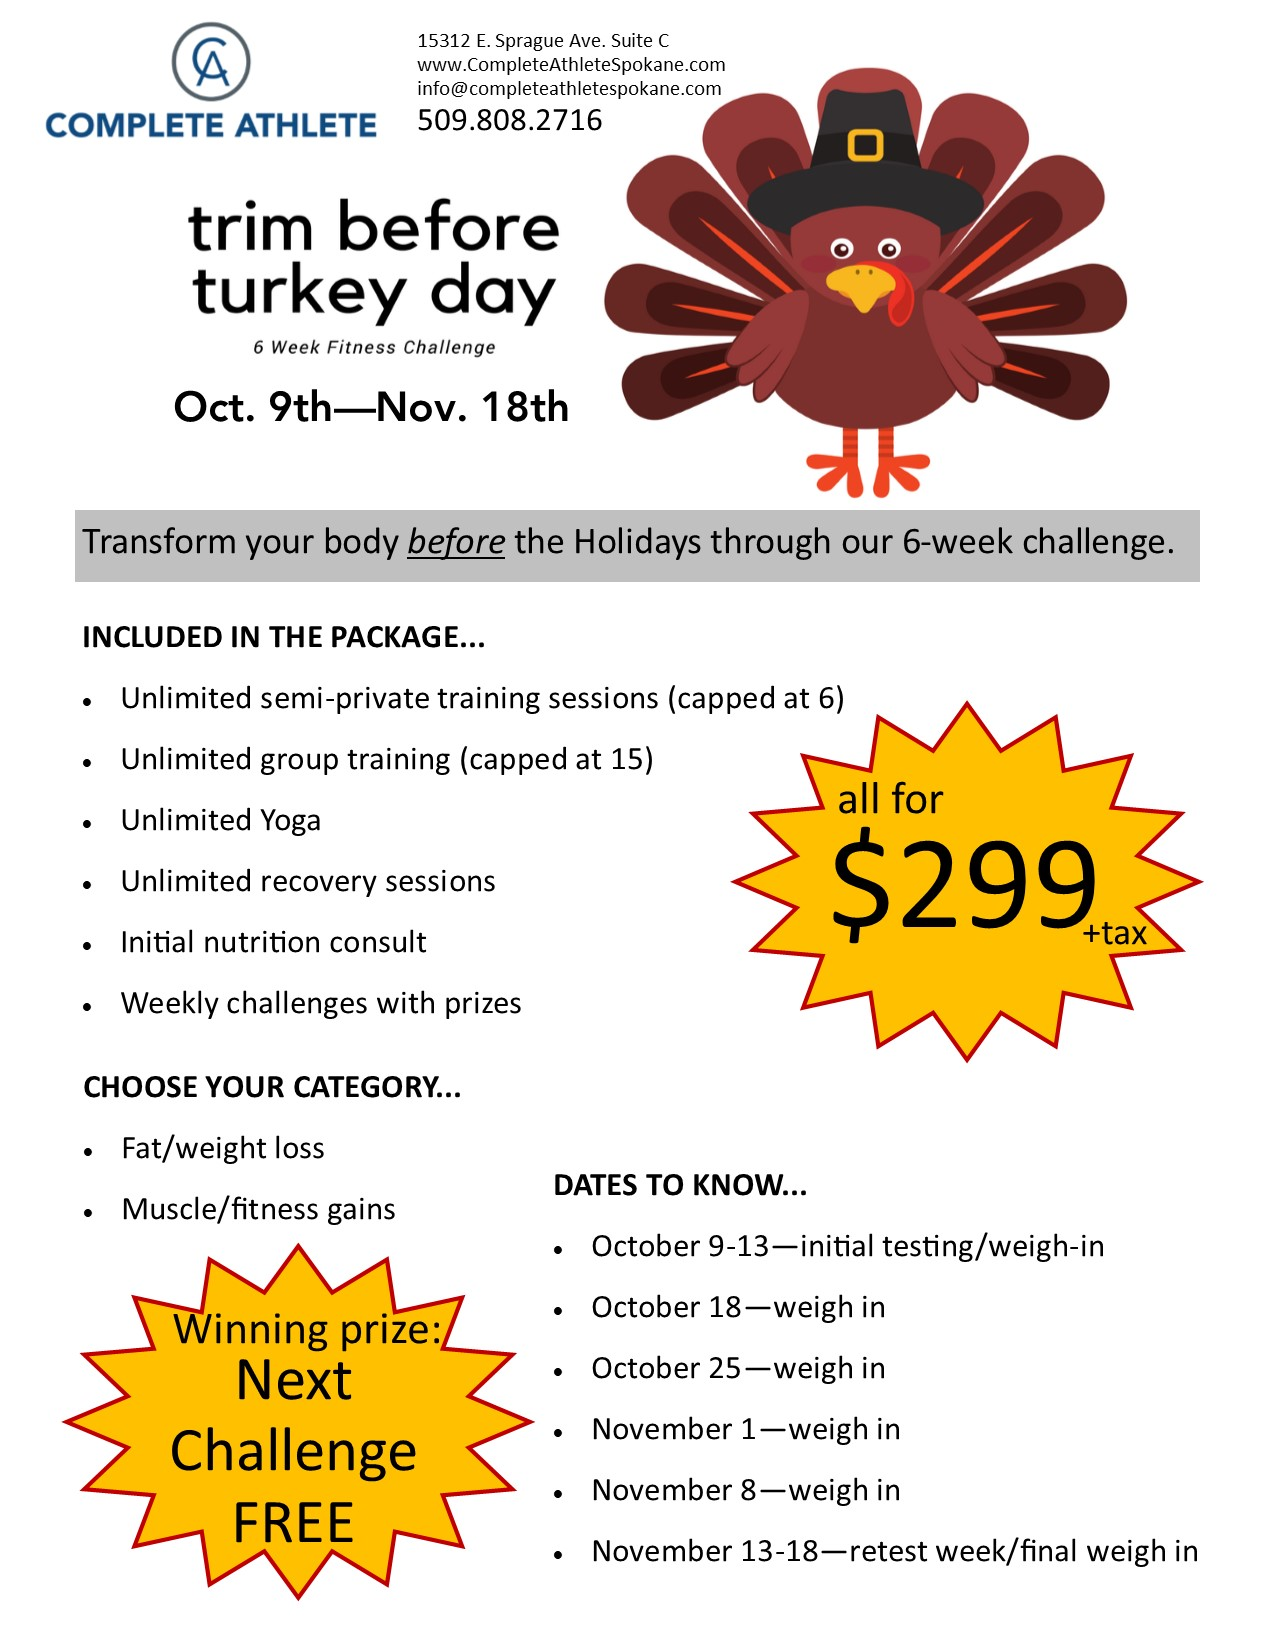 Trim Before Turkey Day Flyer.jpg